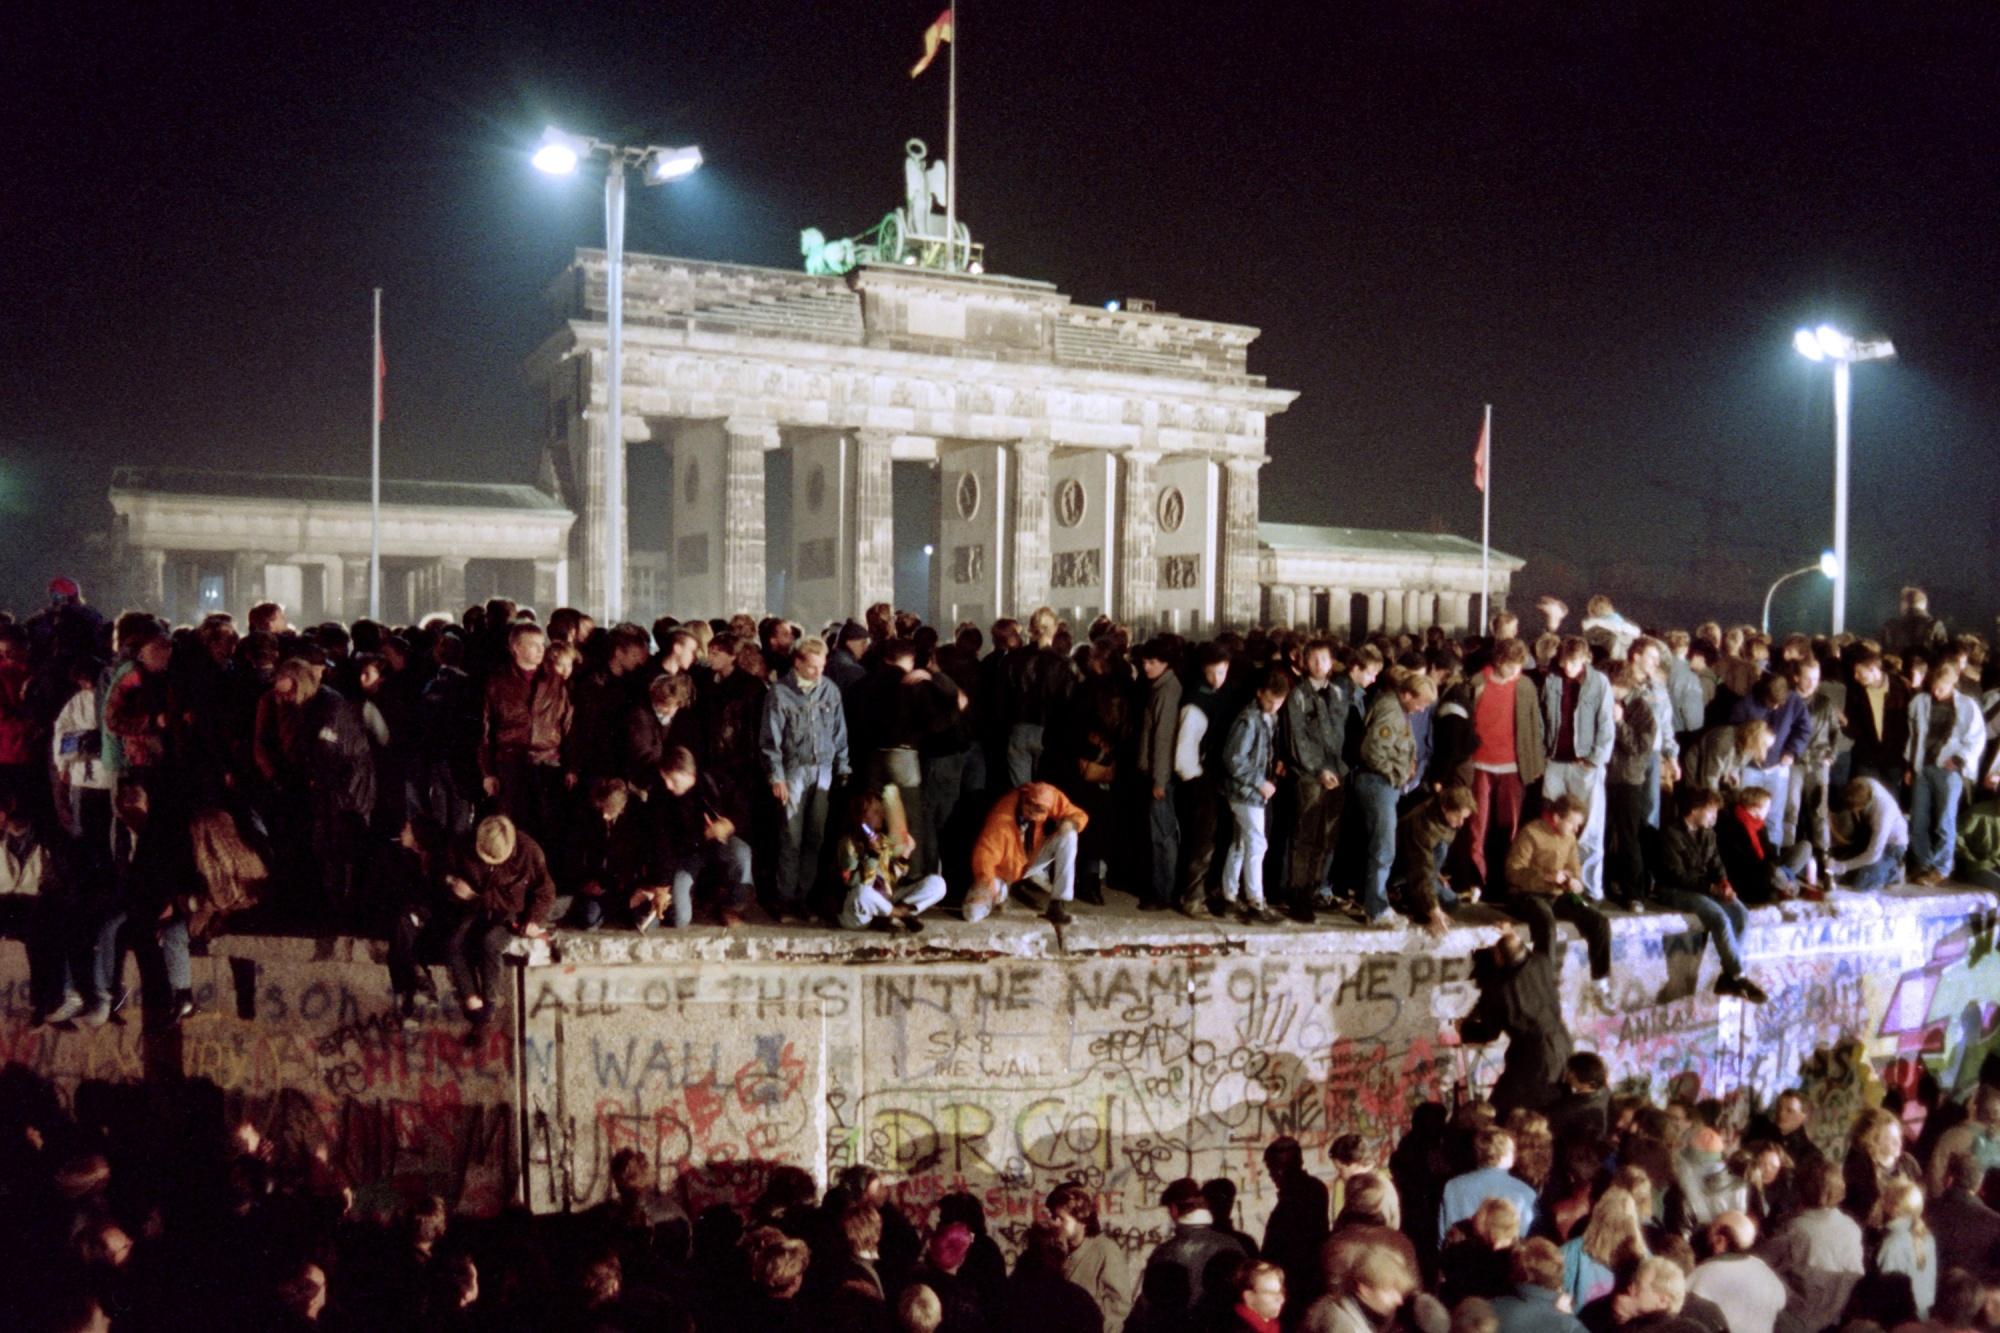 Germany - Berlin Wall - Society